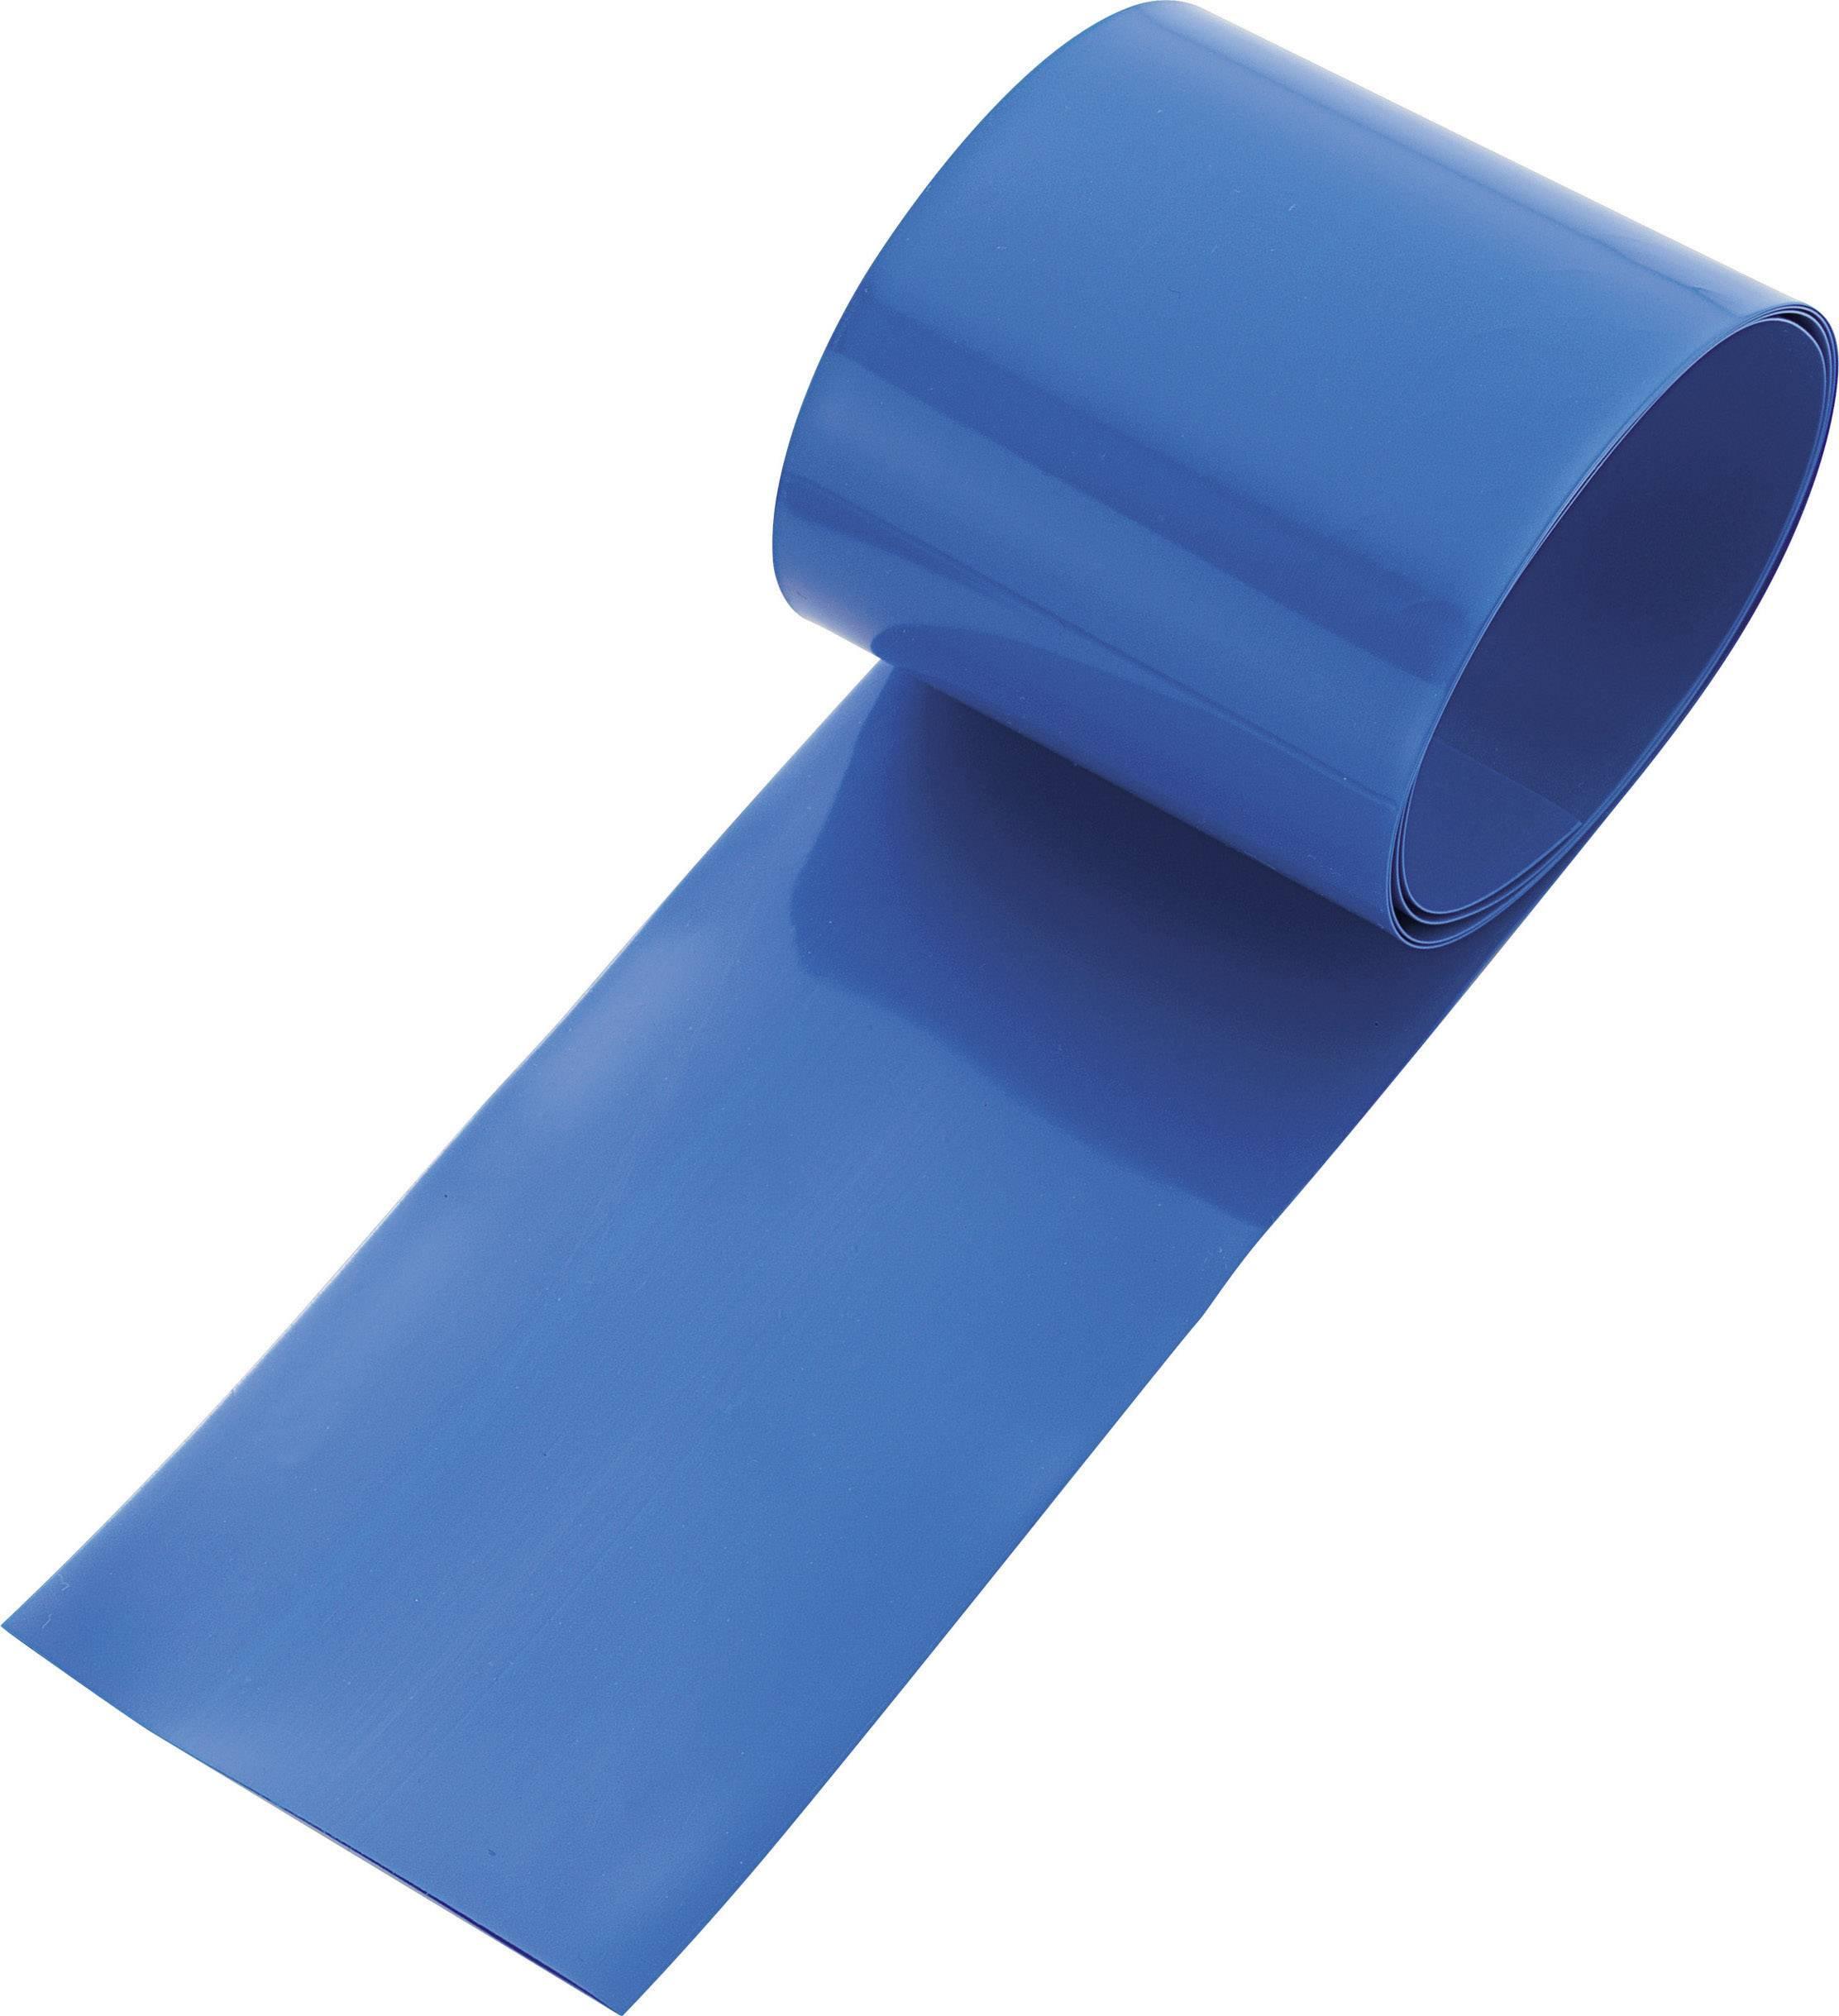 Smršťovací bužírka na akumulátory, bez lepidla TRU COMPONENTS 93014c88c, 48 mm, modrá, 1 ks